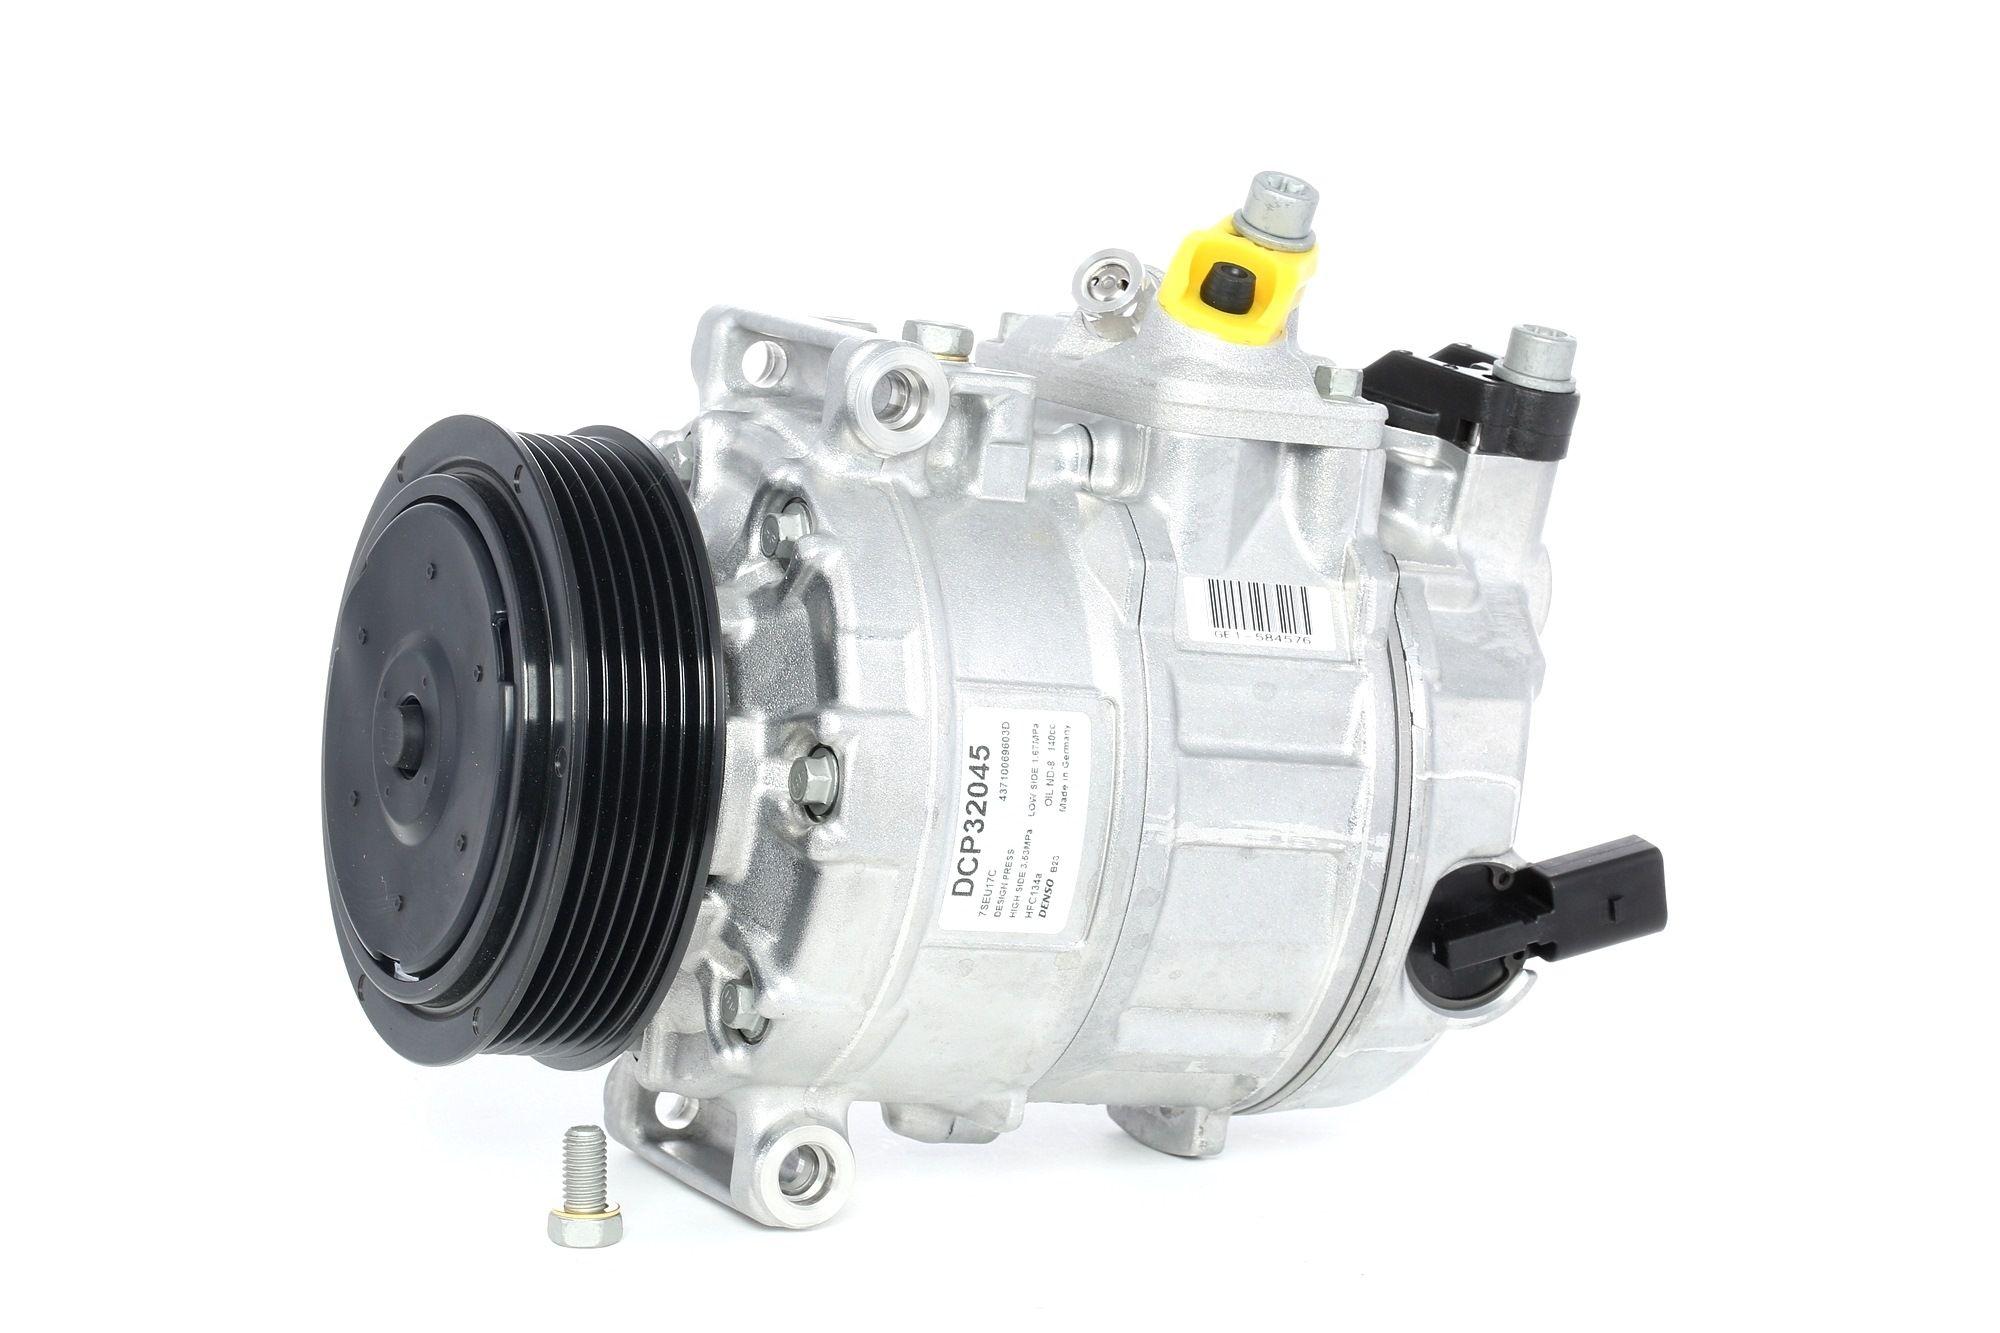 Kompresor klimatizácie DCP32045 AUDI Q3 v zľave – kupujte hneď!